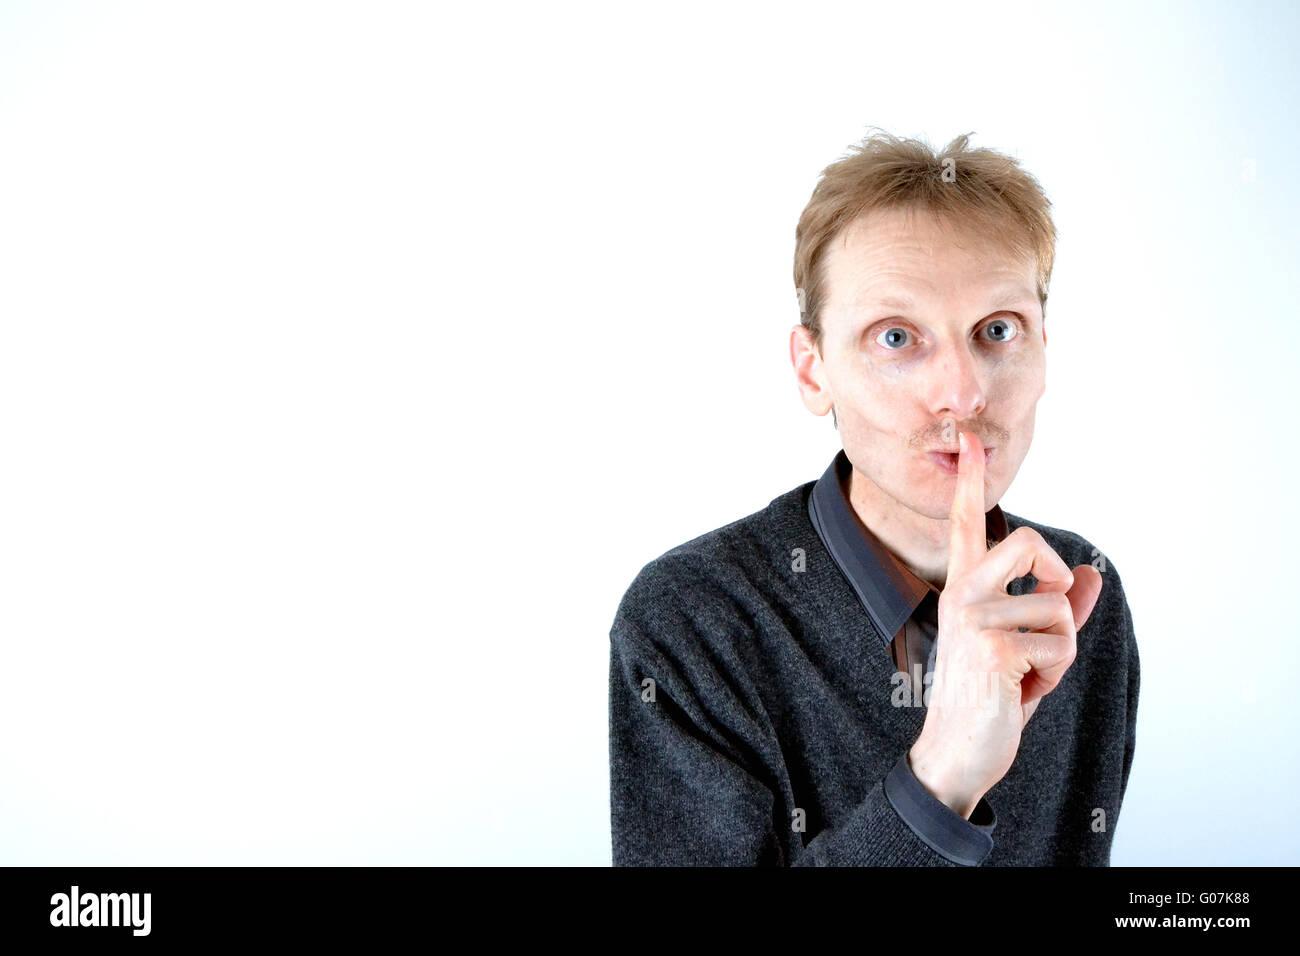 L'homme blond qui a son doigt à la bouche Banque D'Images